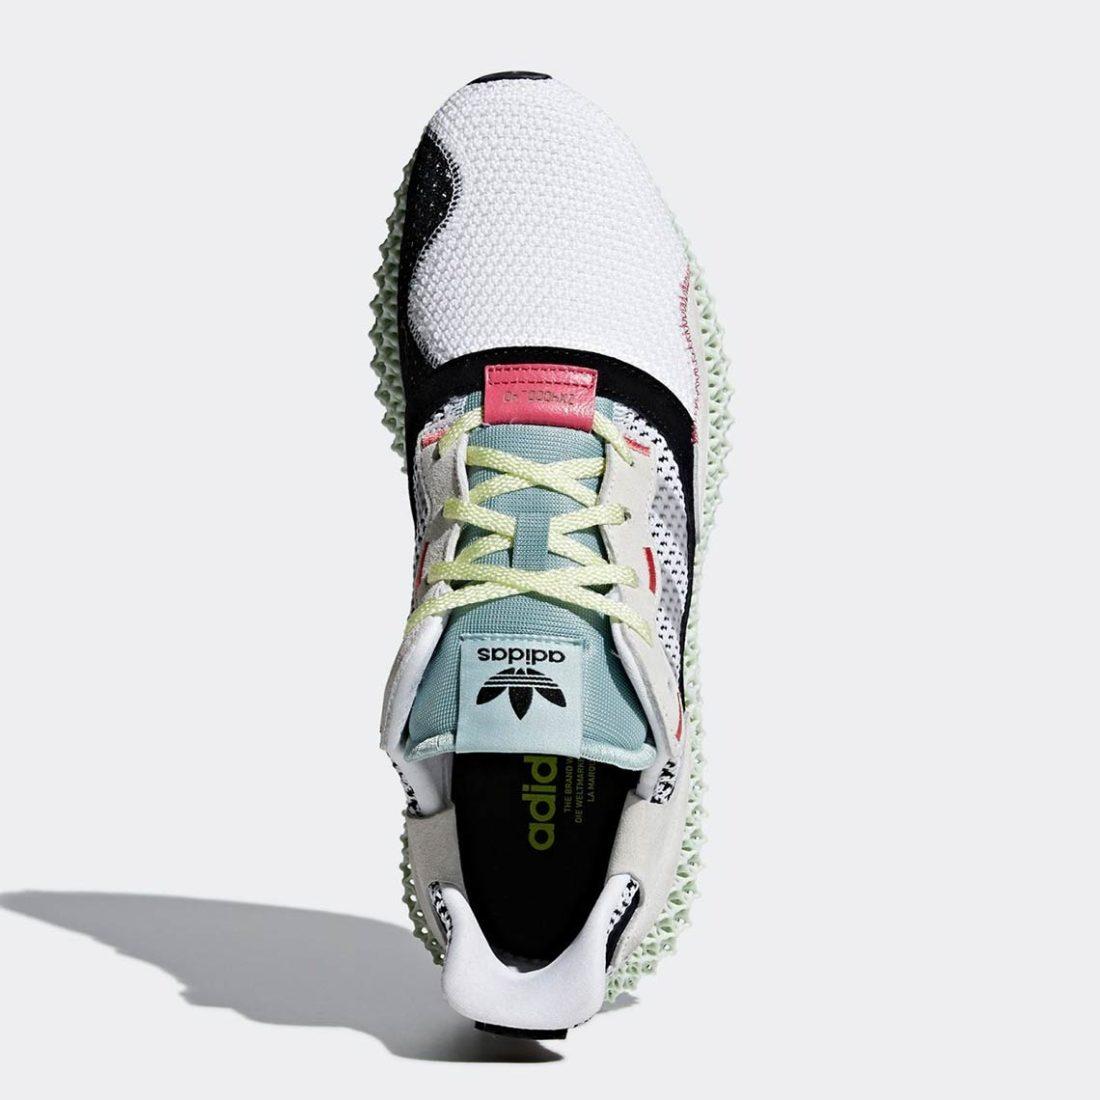 wholesale dealer 8aad6 948ea adidas-consortium-zx4000-4d-white-03